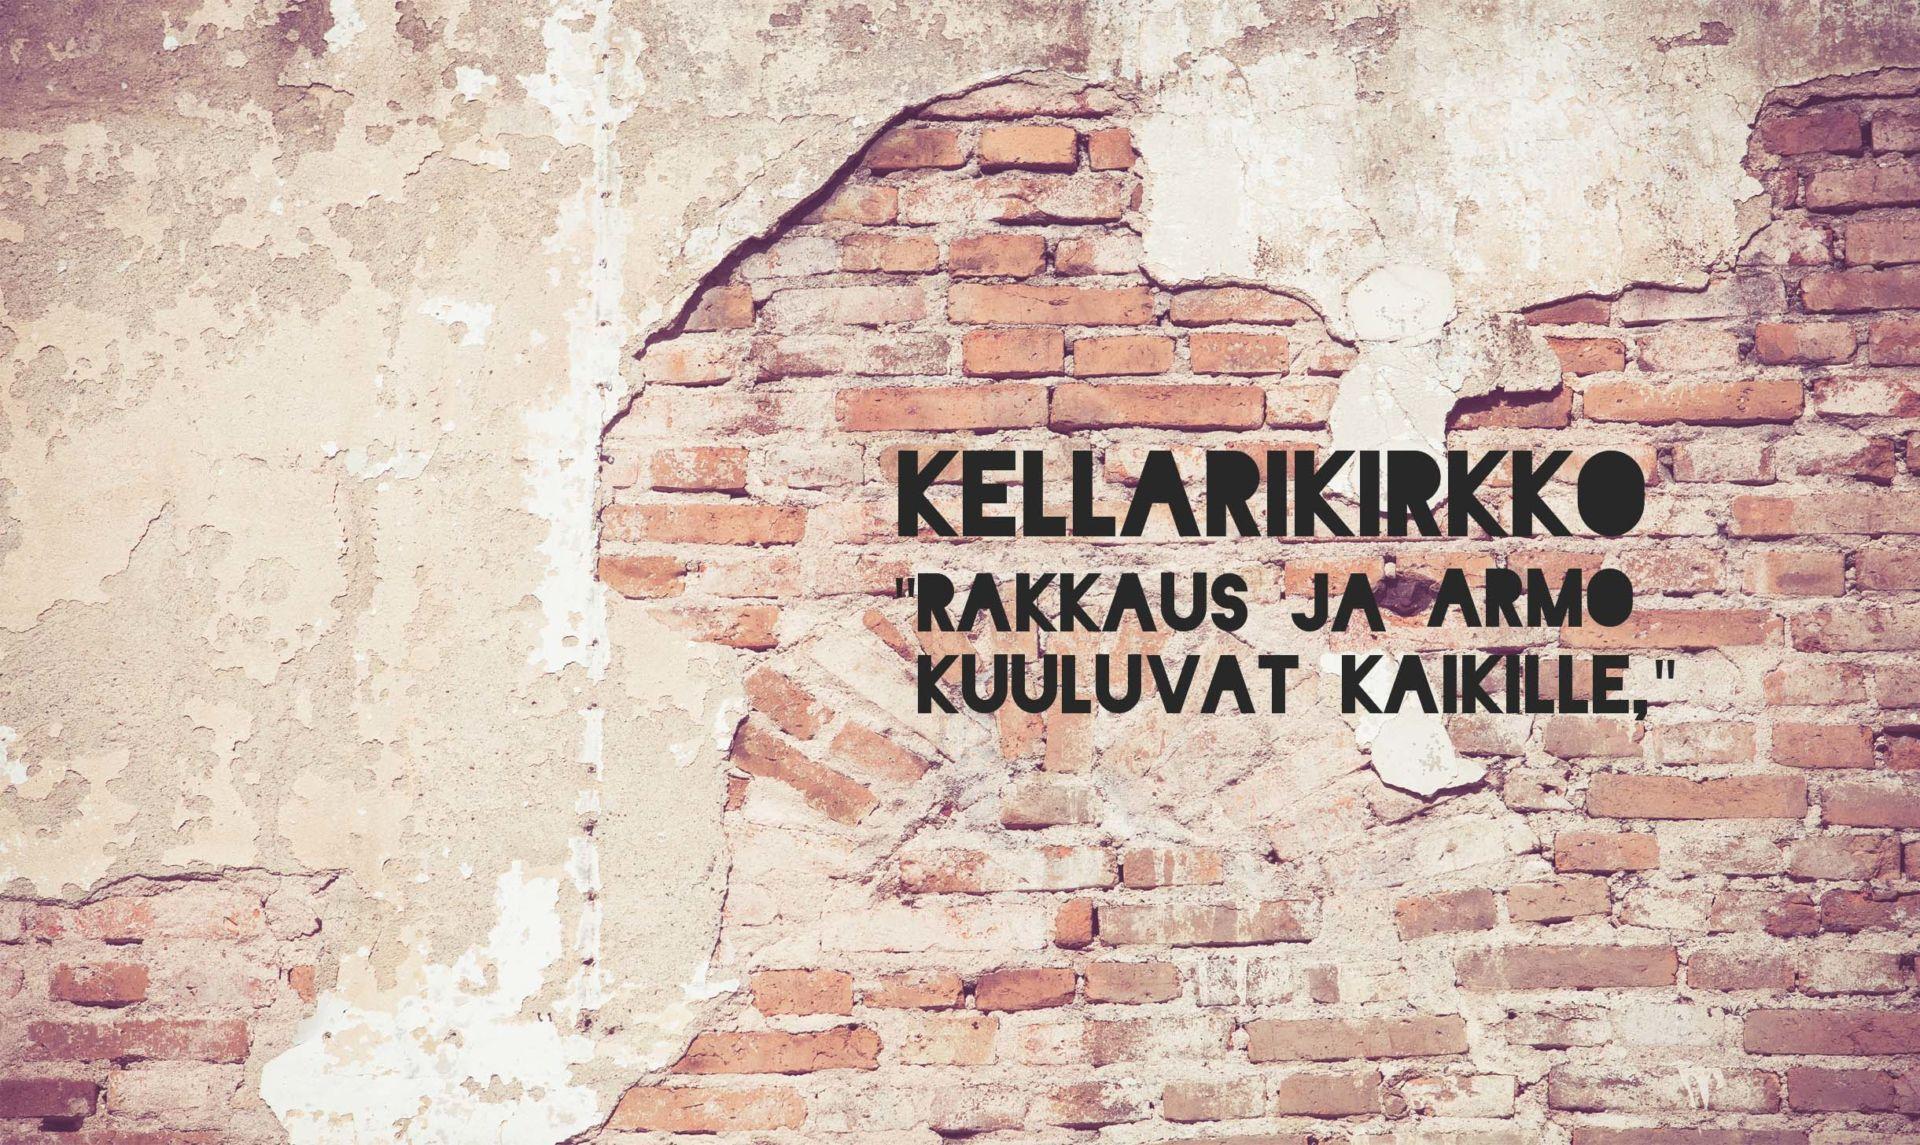 Rappeutunut punatiilinen seinä tekstillä: Kellarikirkko - rakkaus ja armo kuuluvat kaikille.